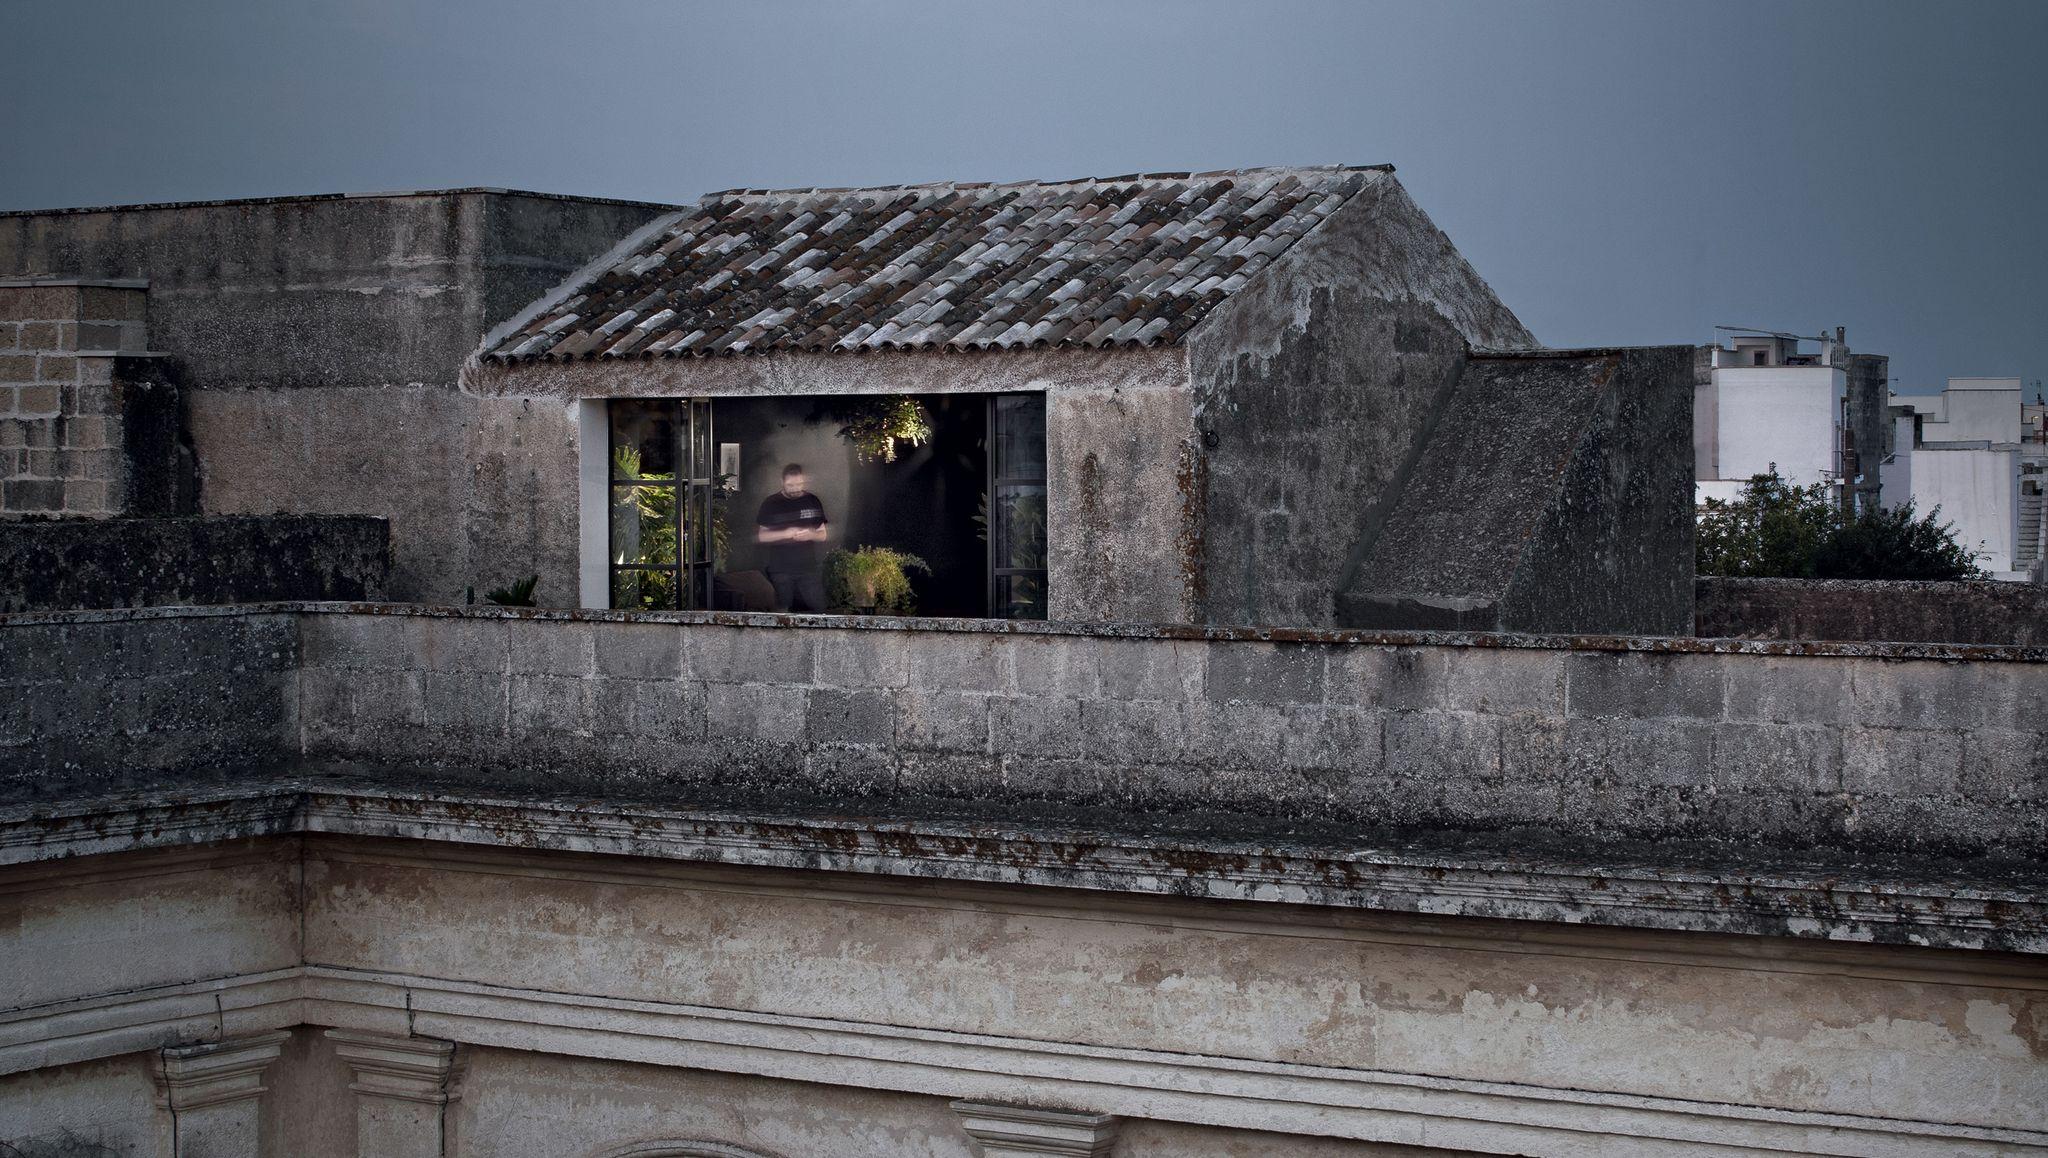 Il cubo nero nell'antico palazzo di famiglia che guarda i tetti del Salento